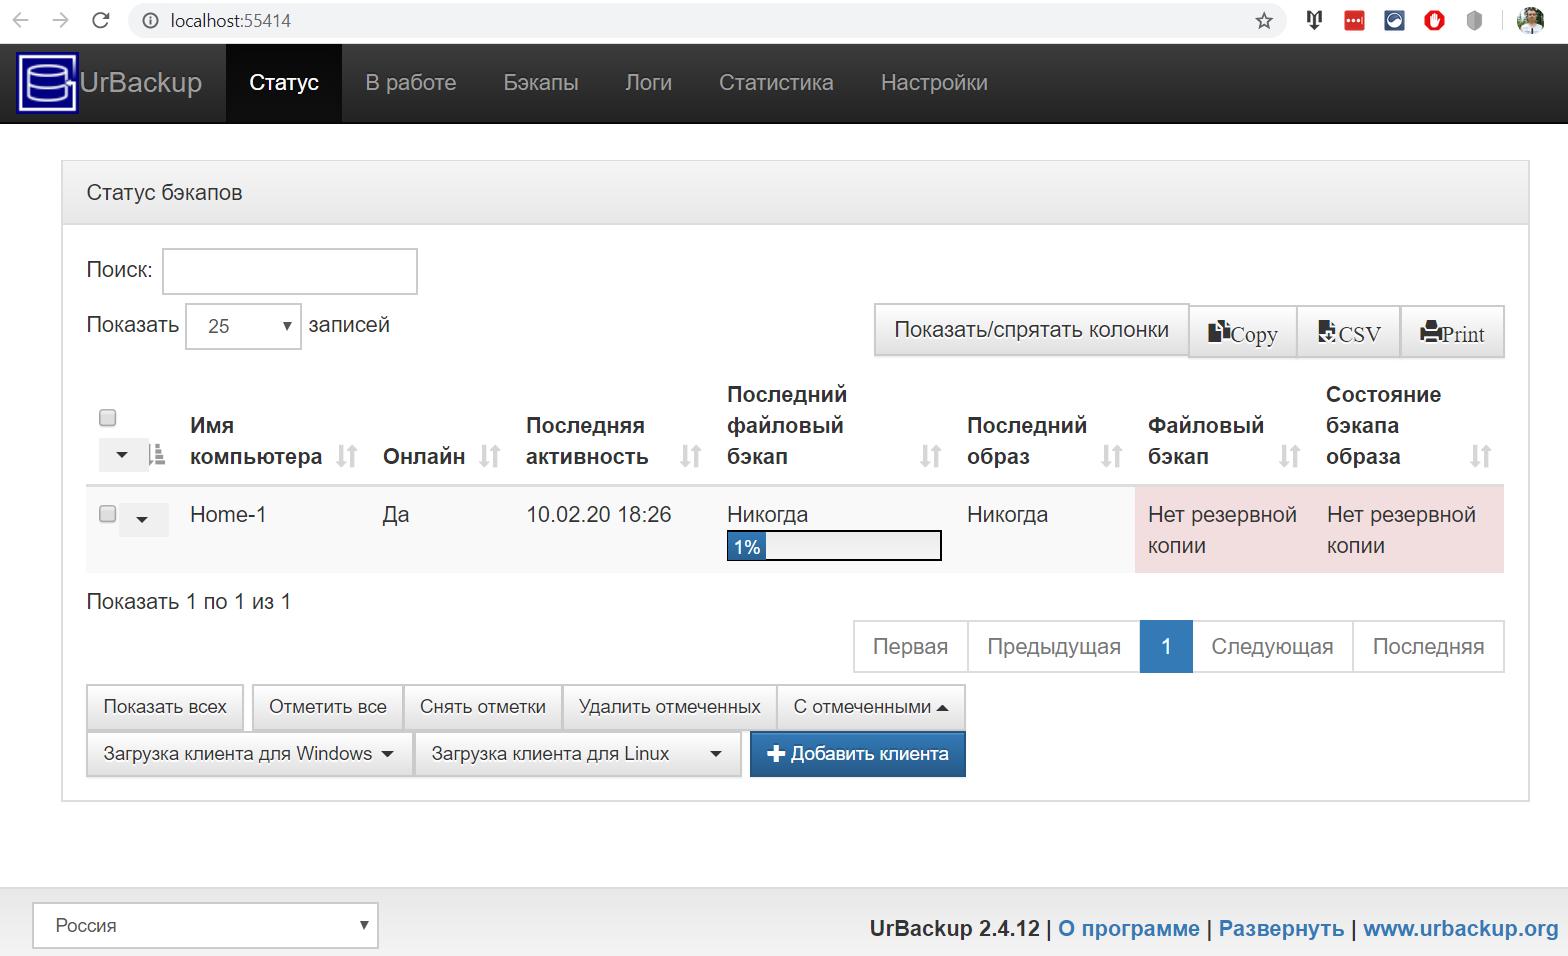 Статус резервного копирования в сервере UrBackup